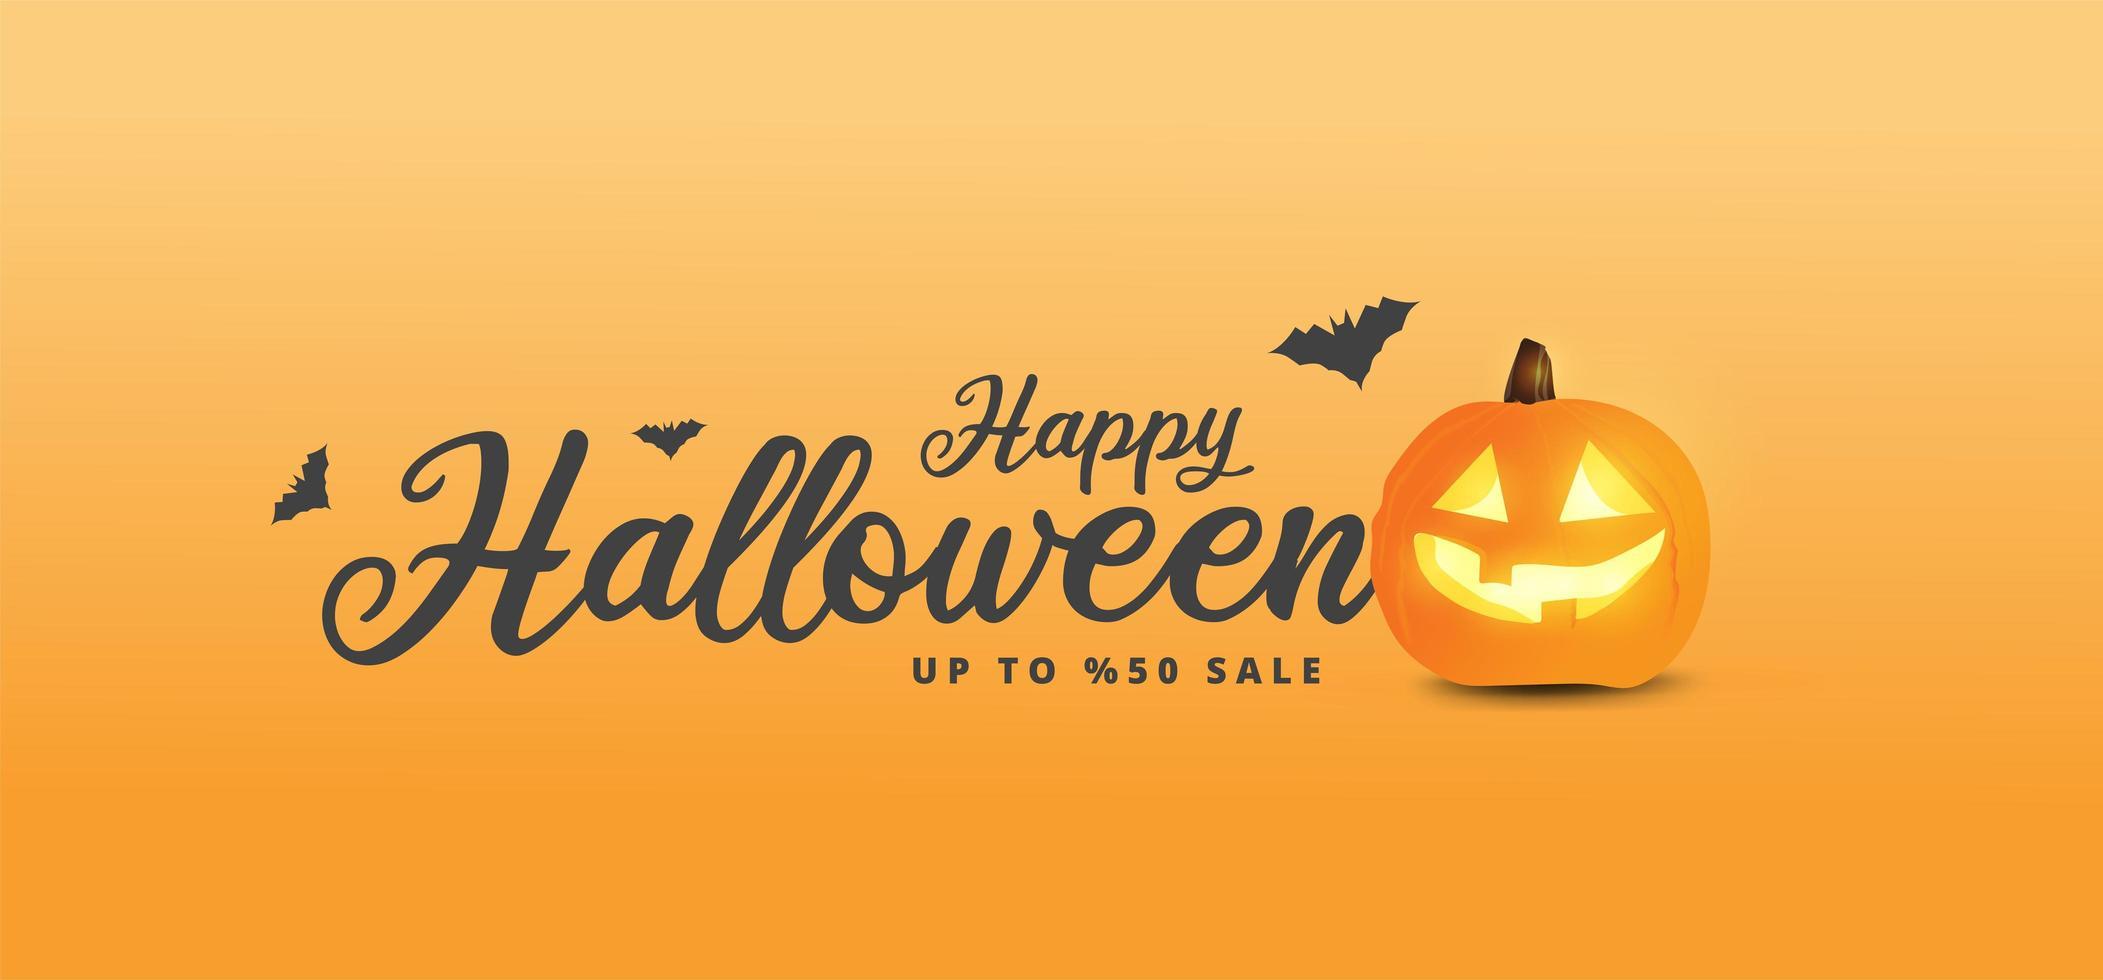 Happy Halloween Sale Banner With Glowing Pumpkin Download Free Vectors Clipart Graphics Vector Art